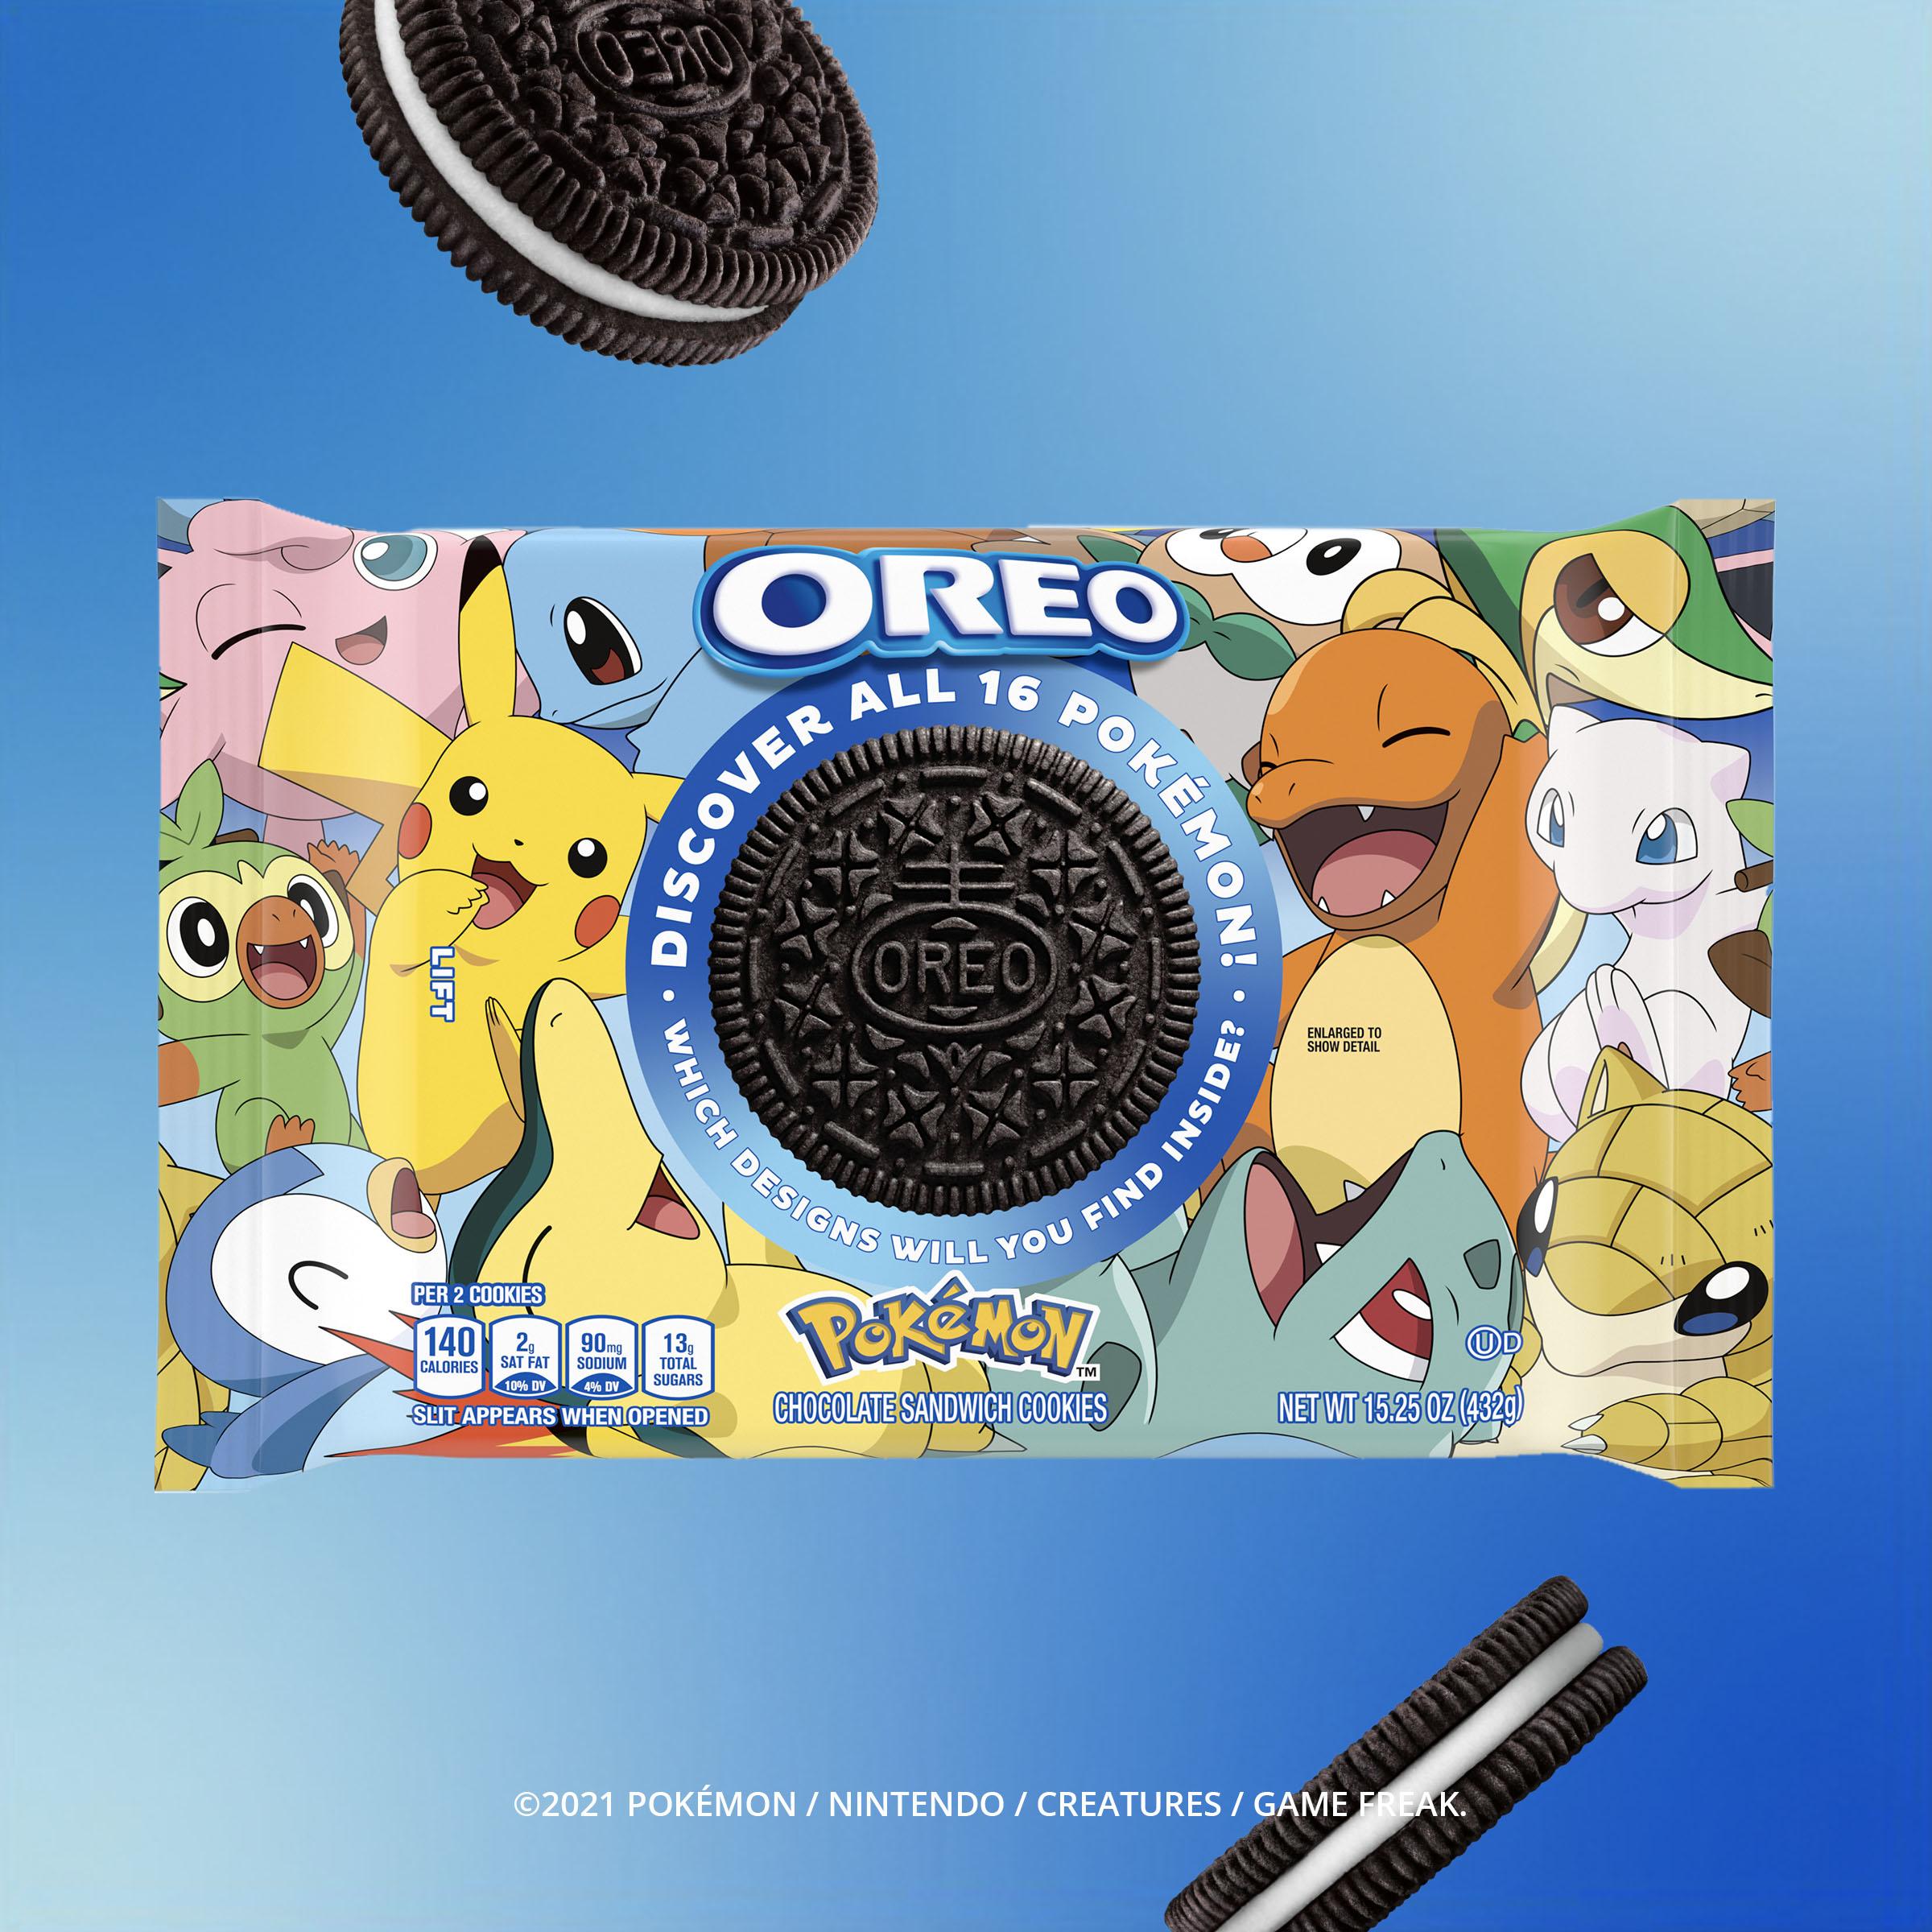 《宝可梦》联动奥利奥推出限定款饼干 共有16种不同的宝可梦印花